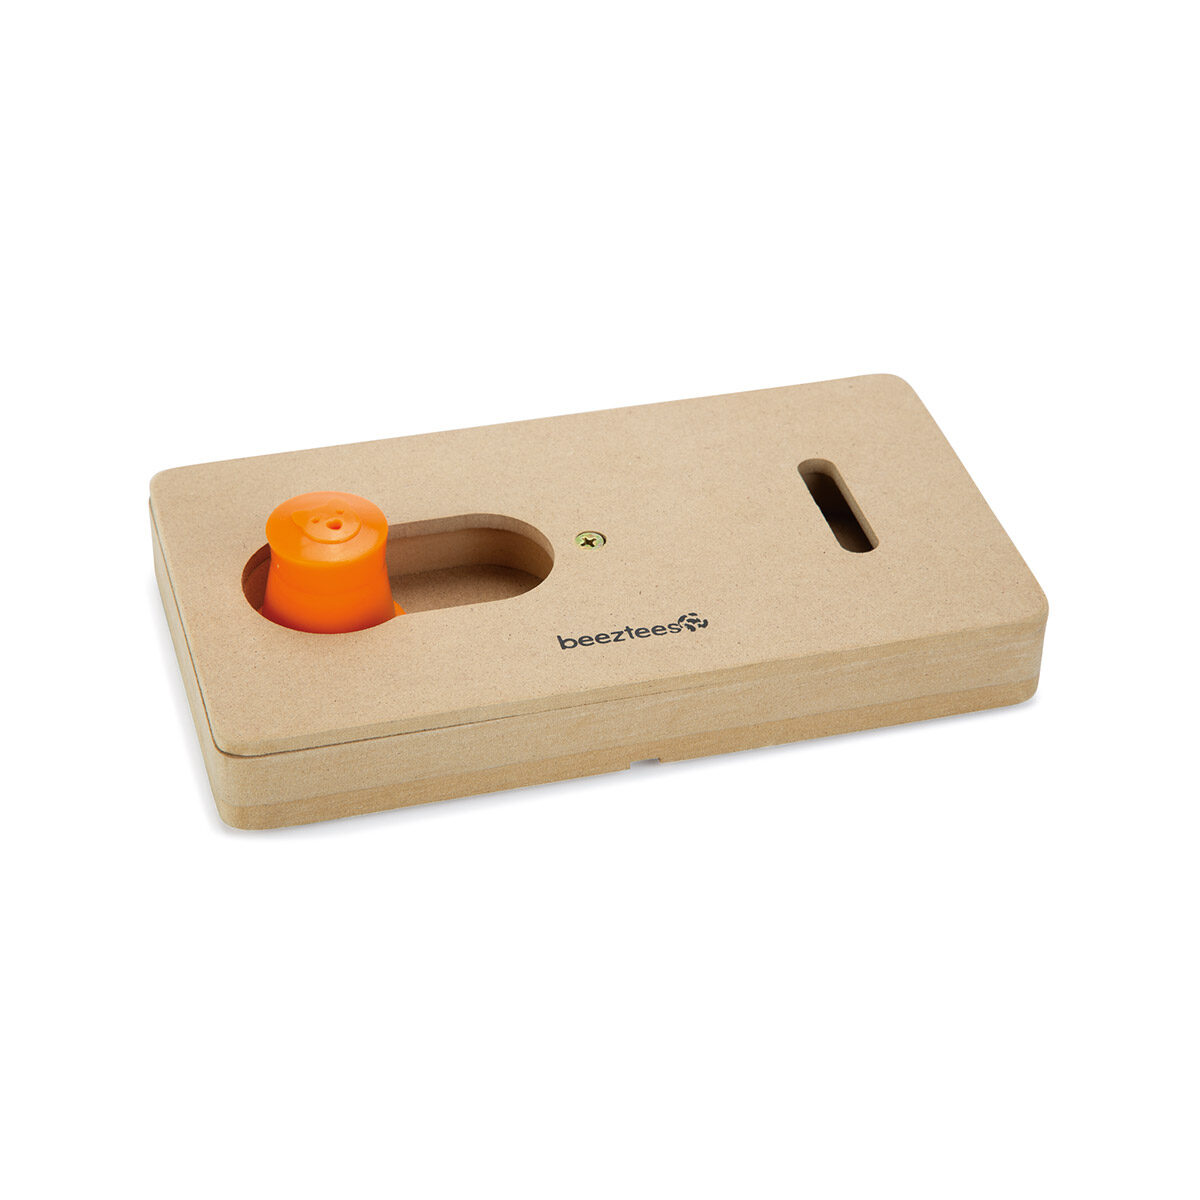 Beeztees Houten Trainingsspel Hondenpuzzel Swinny 22cm - in Snacks